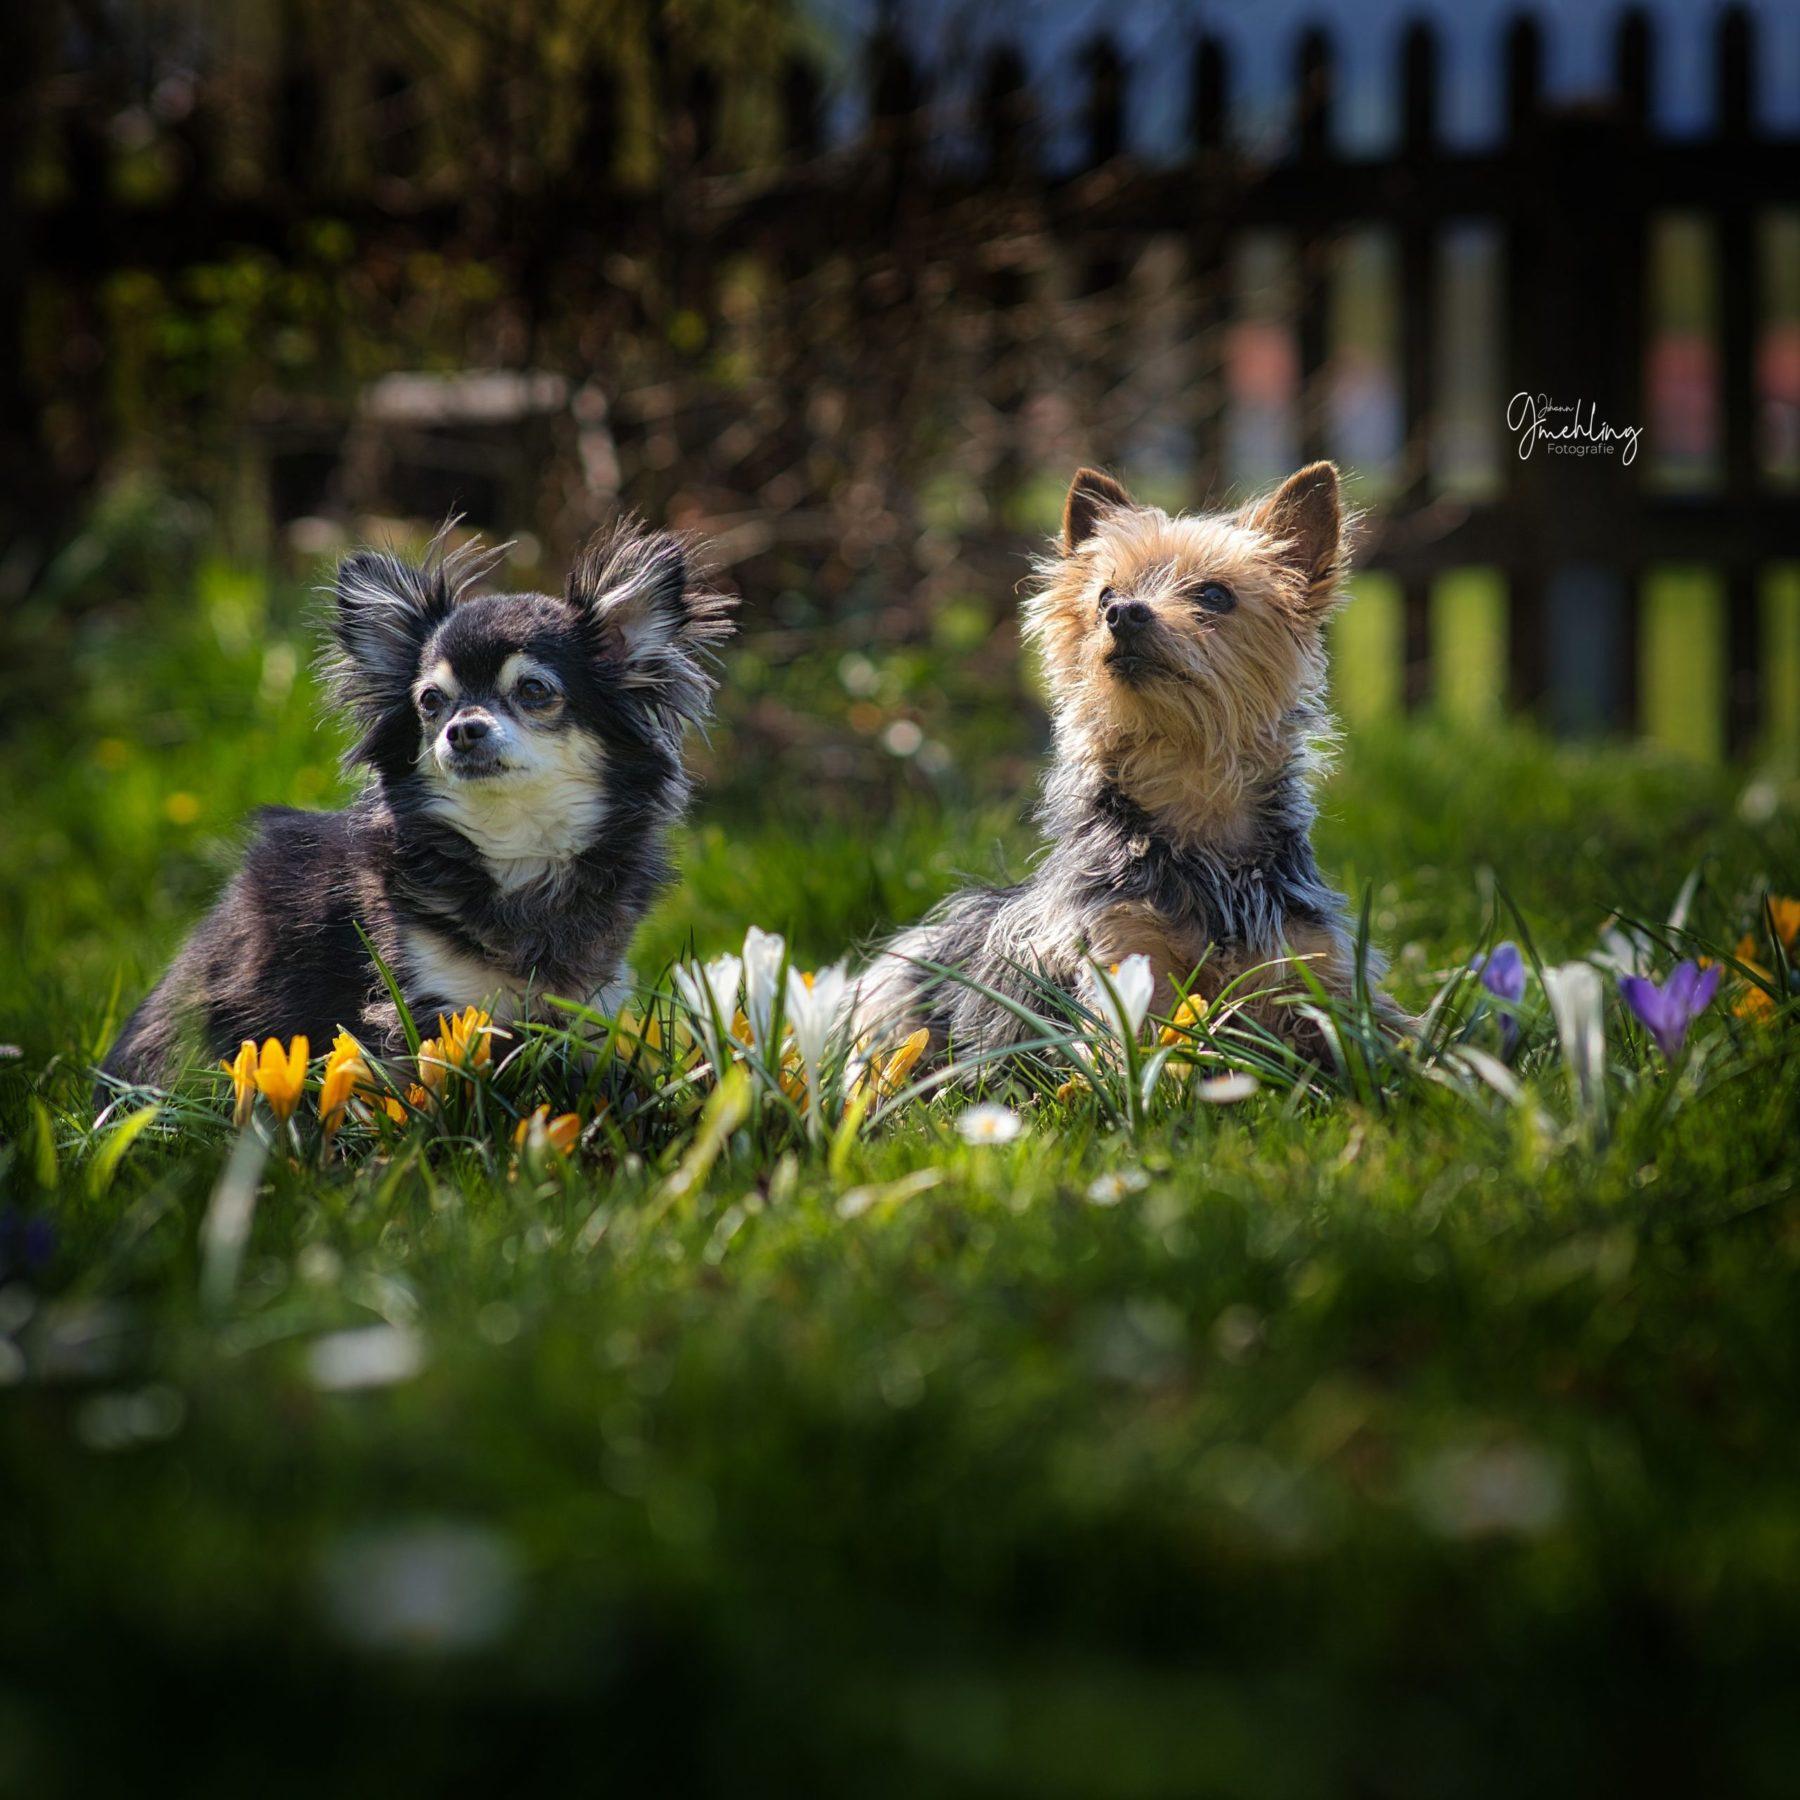 Yorkshire und Chiwawa in Blumenwiese